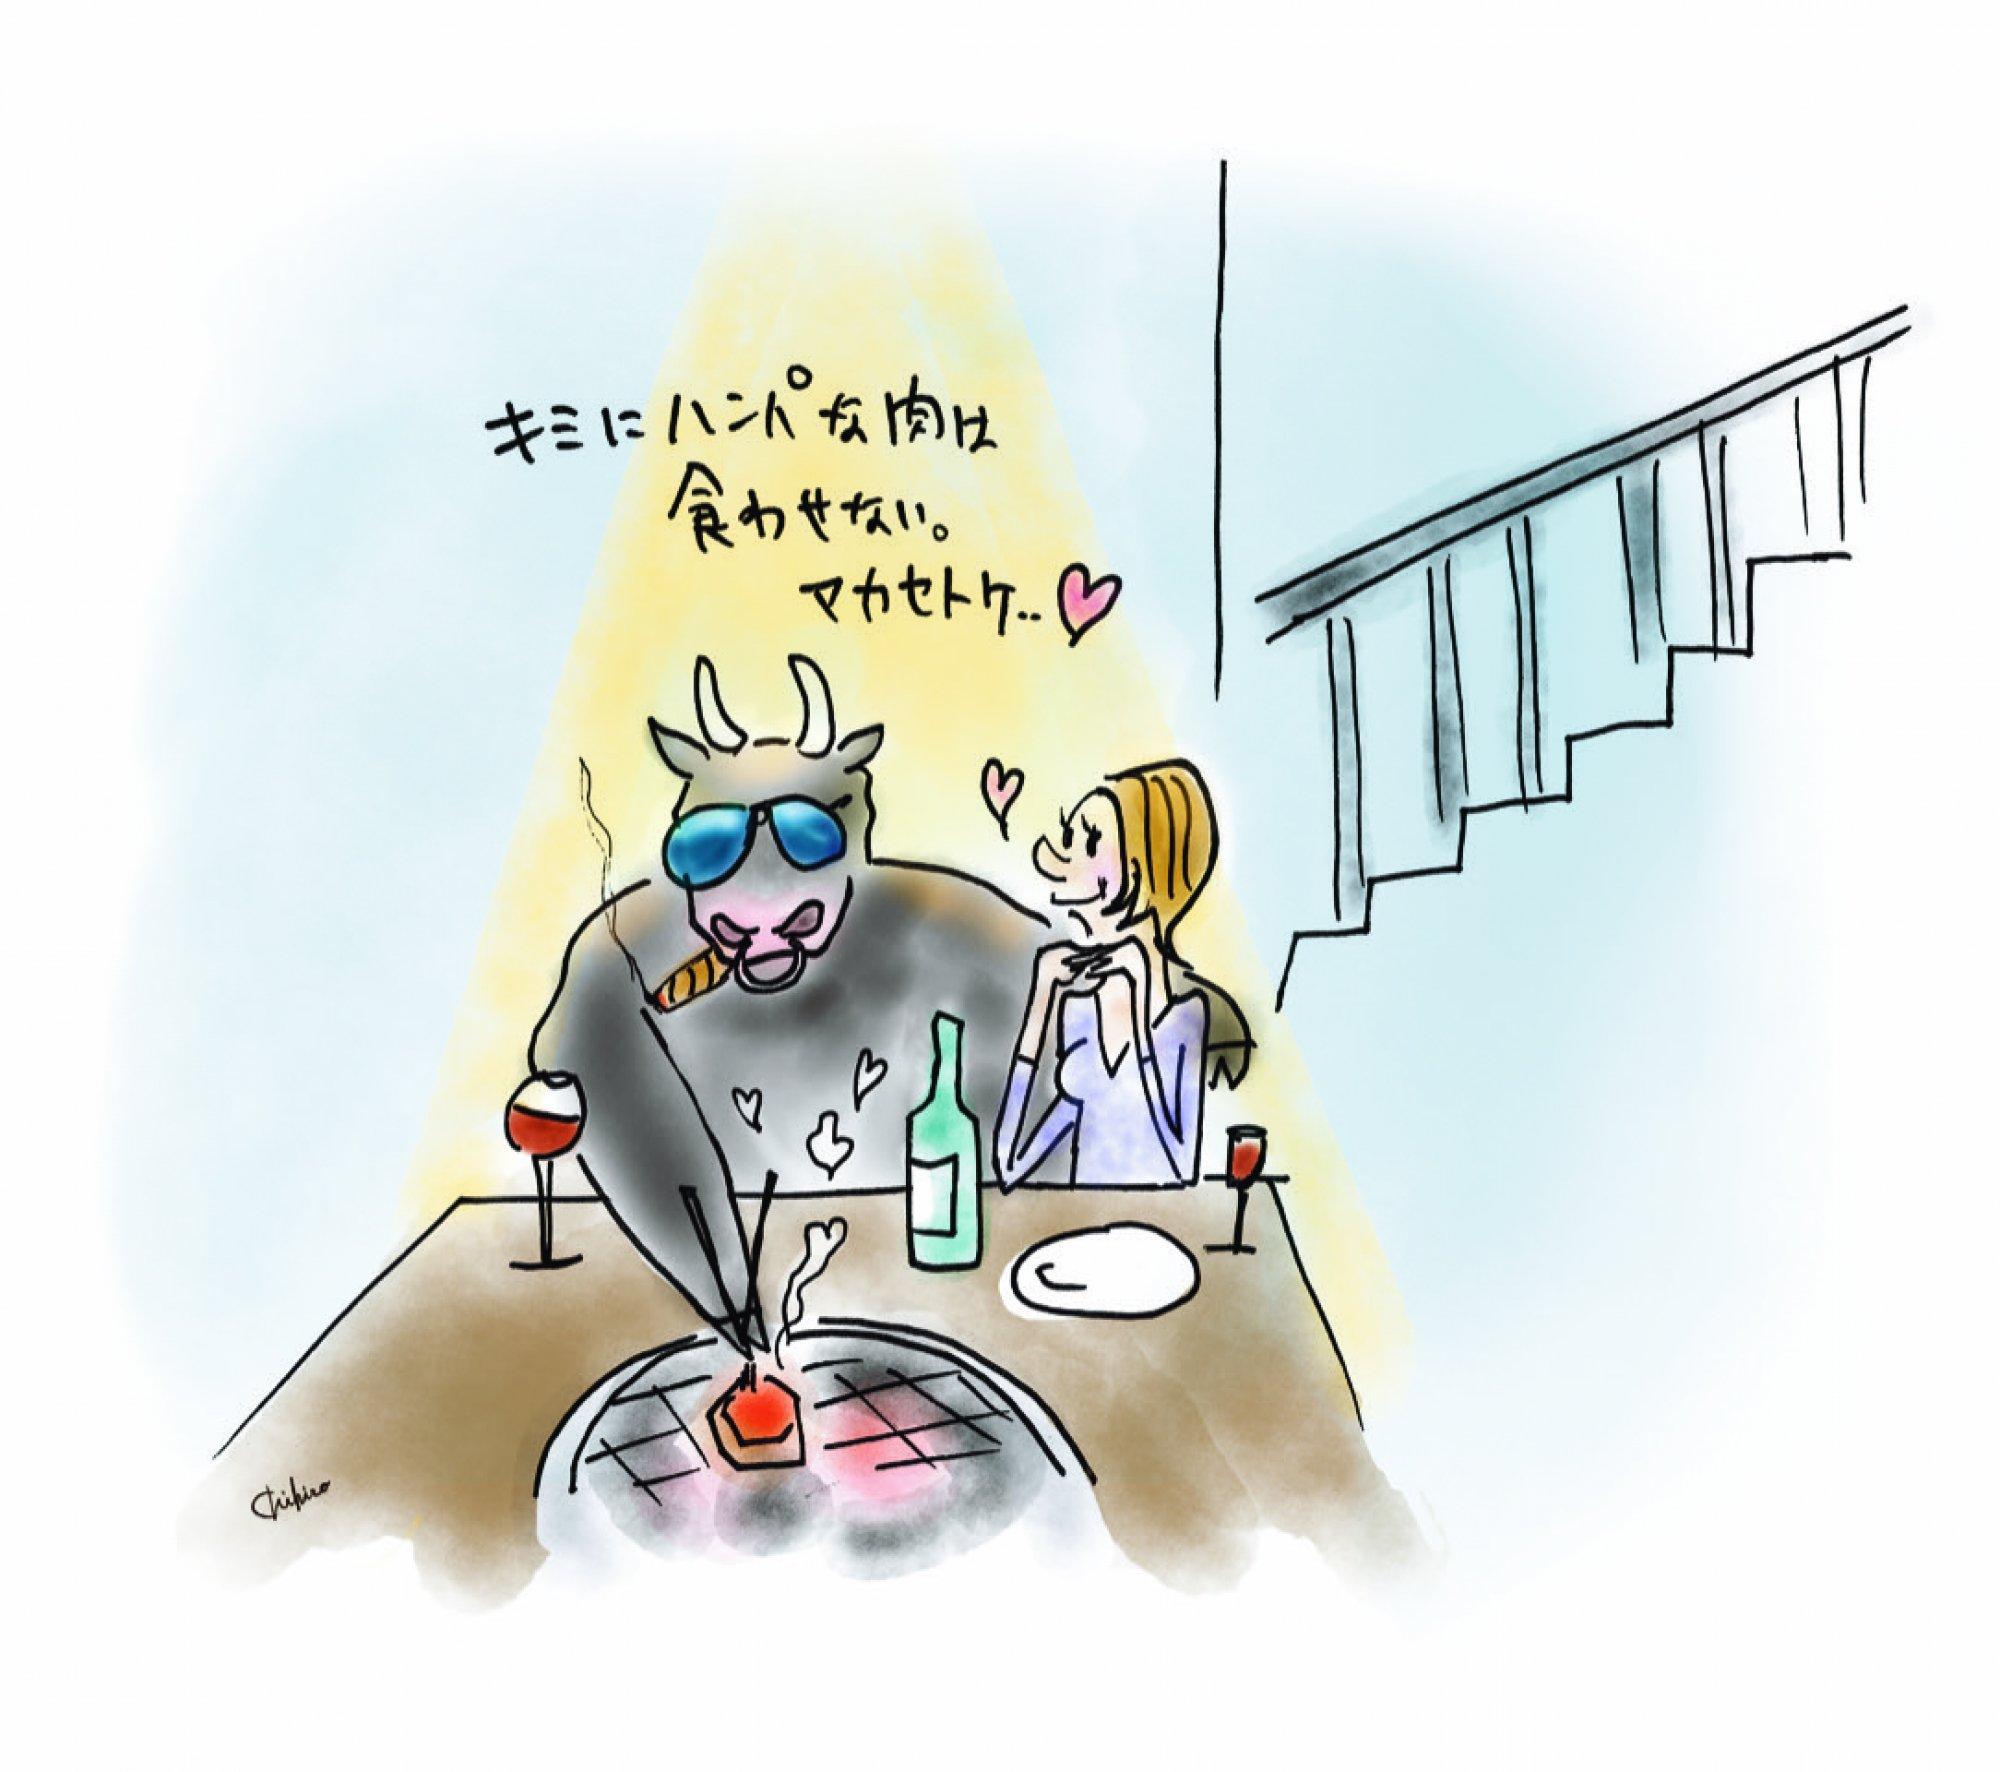 肉ラバー&ワインラバーへ贈る日本橋リバーサイドで